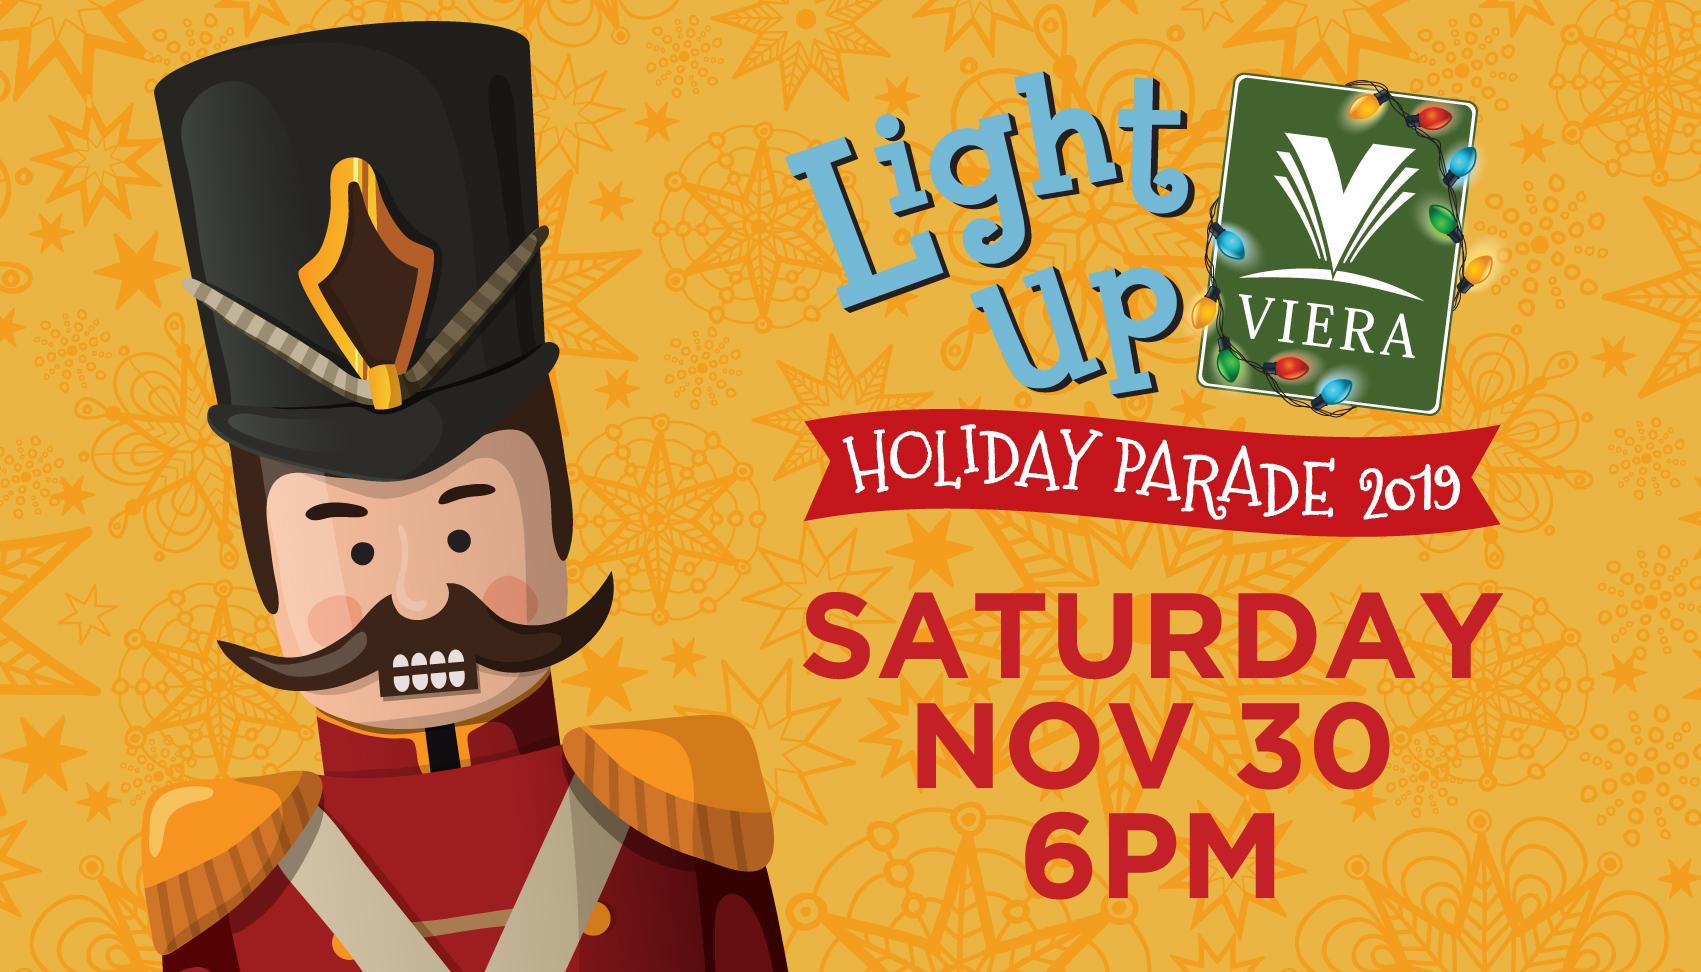 Viera Christmas Parade 2020 Light Up Viera Holiday Parade   Viera